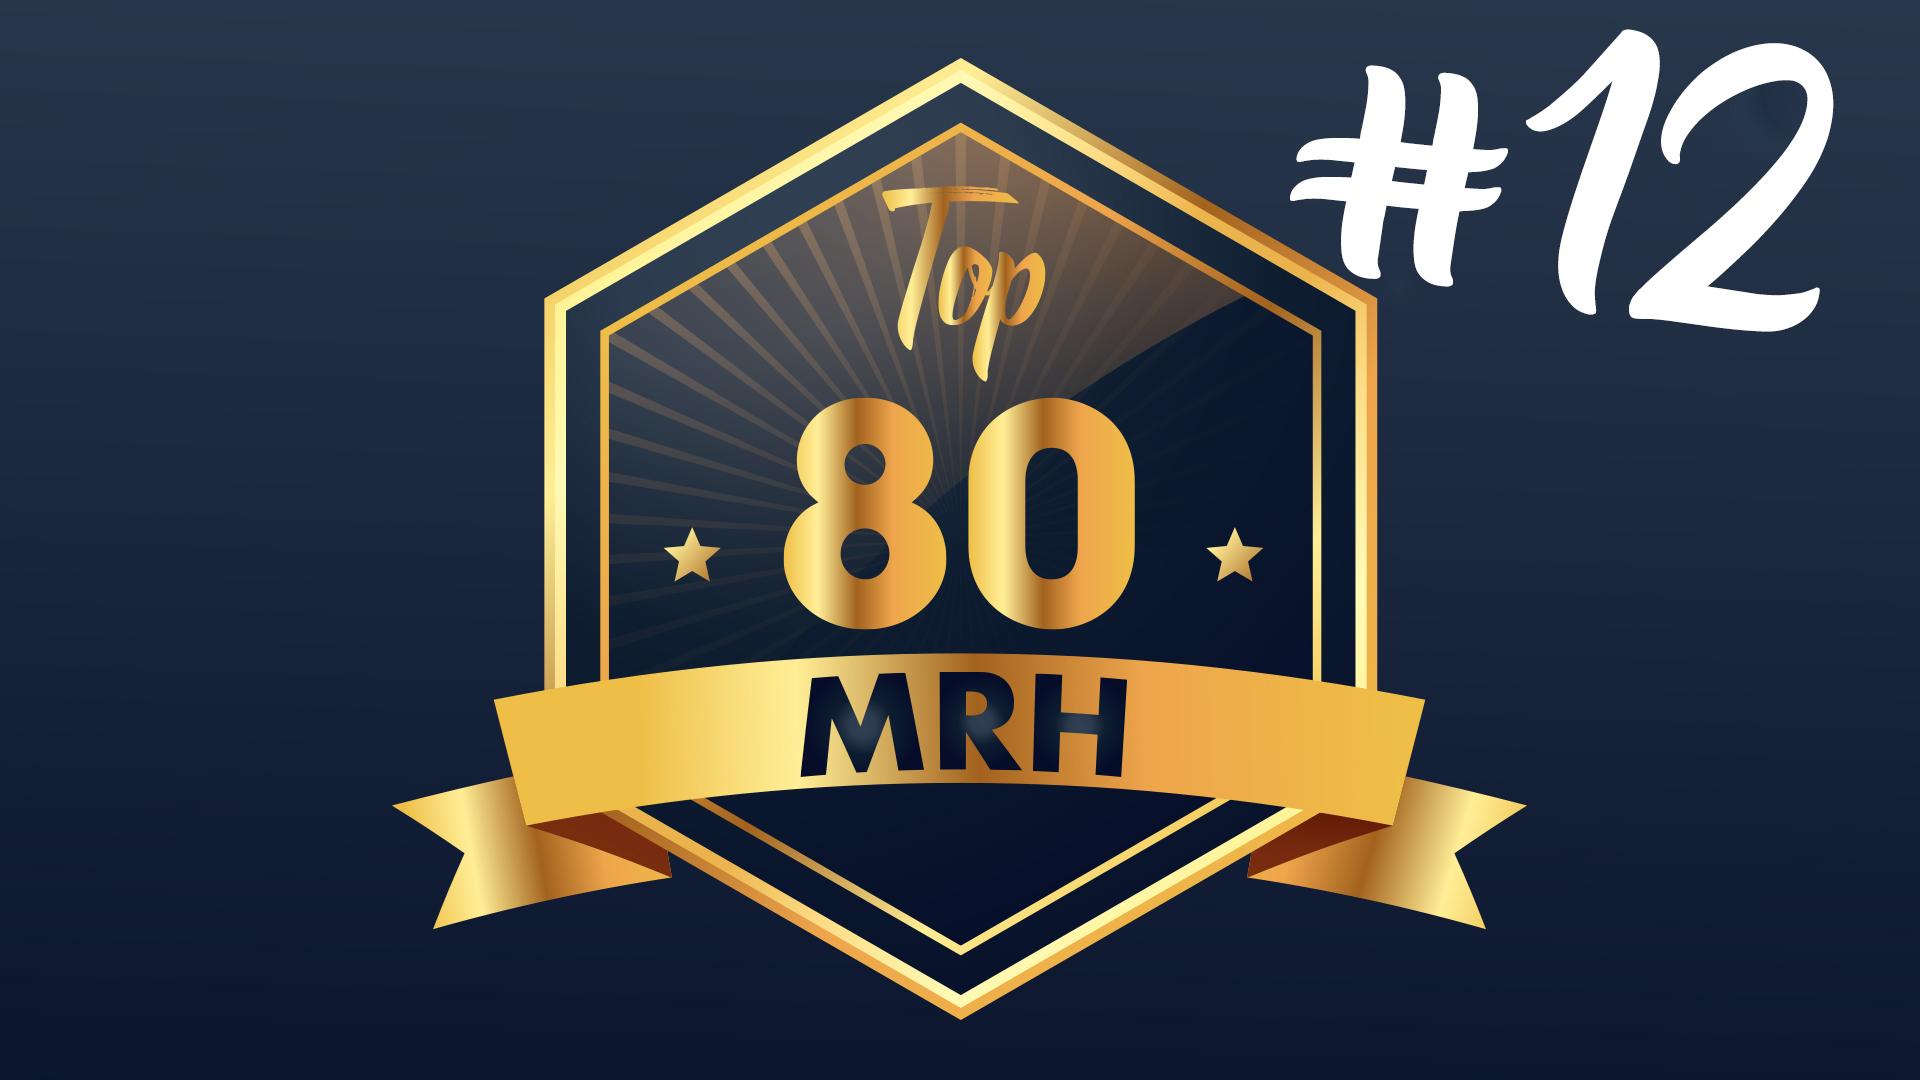 Top 80 MRH - Qui fera partie du 12e classement Top MRH